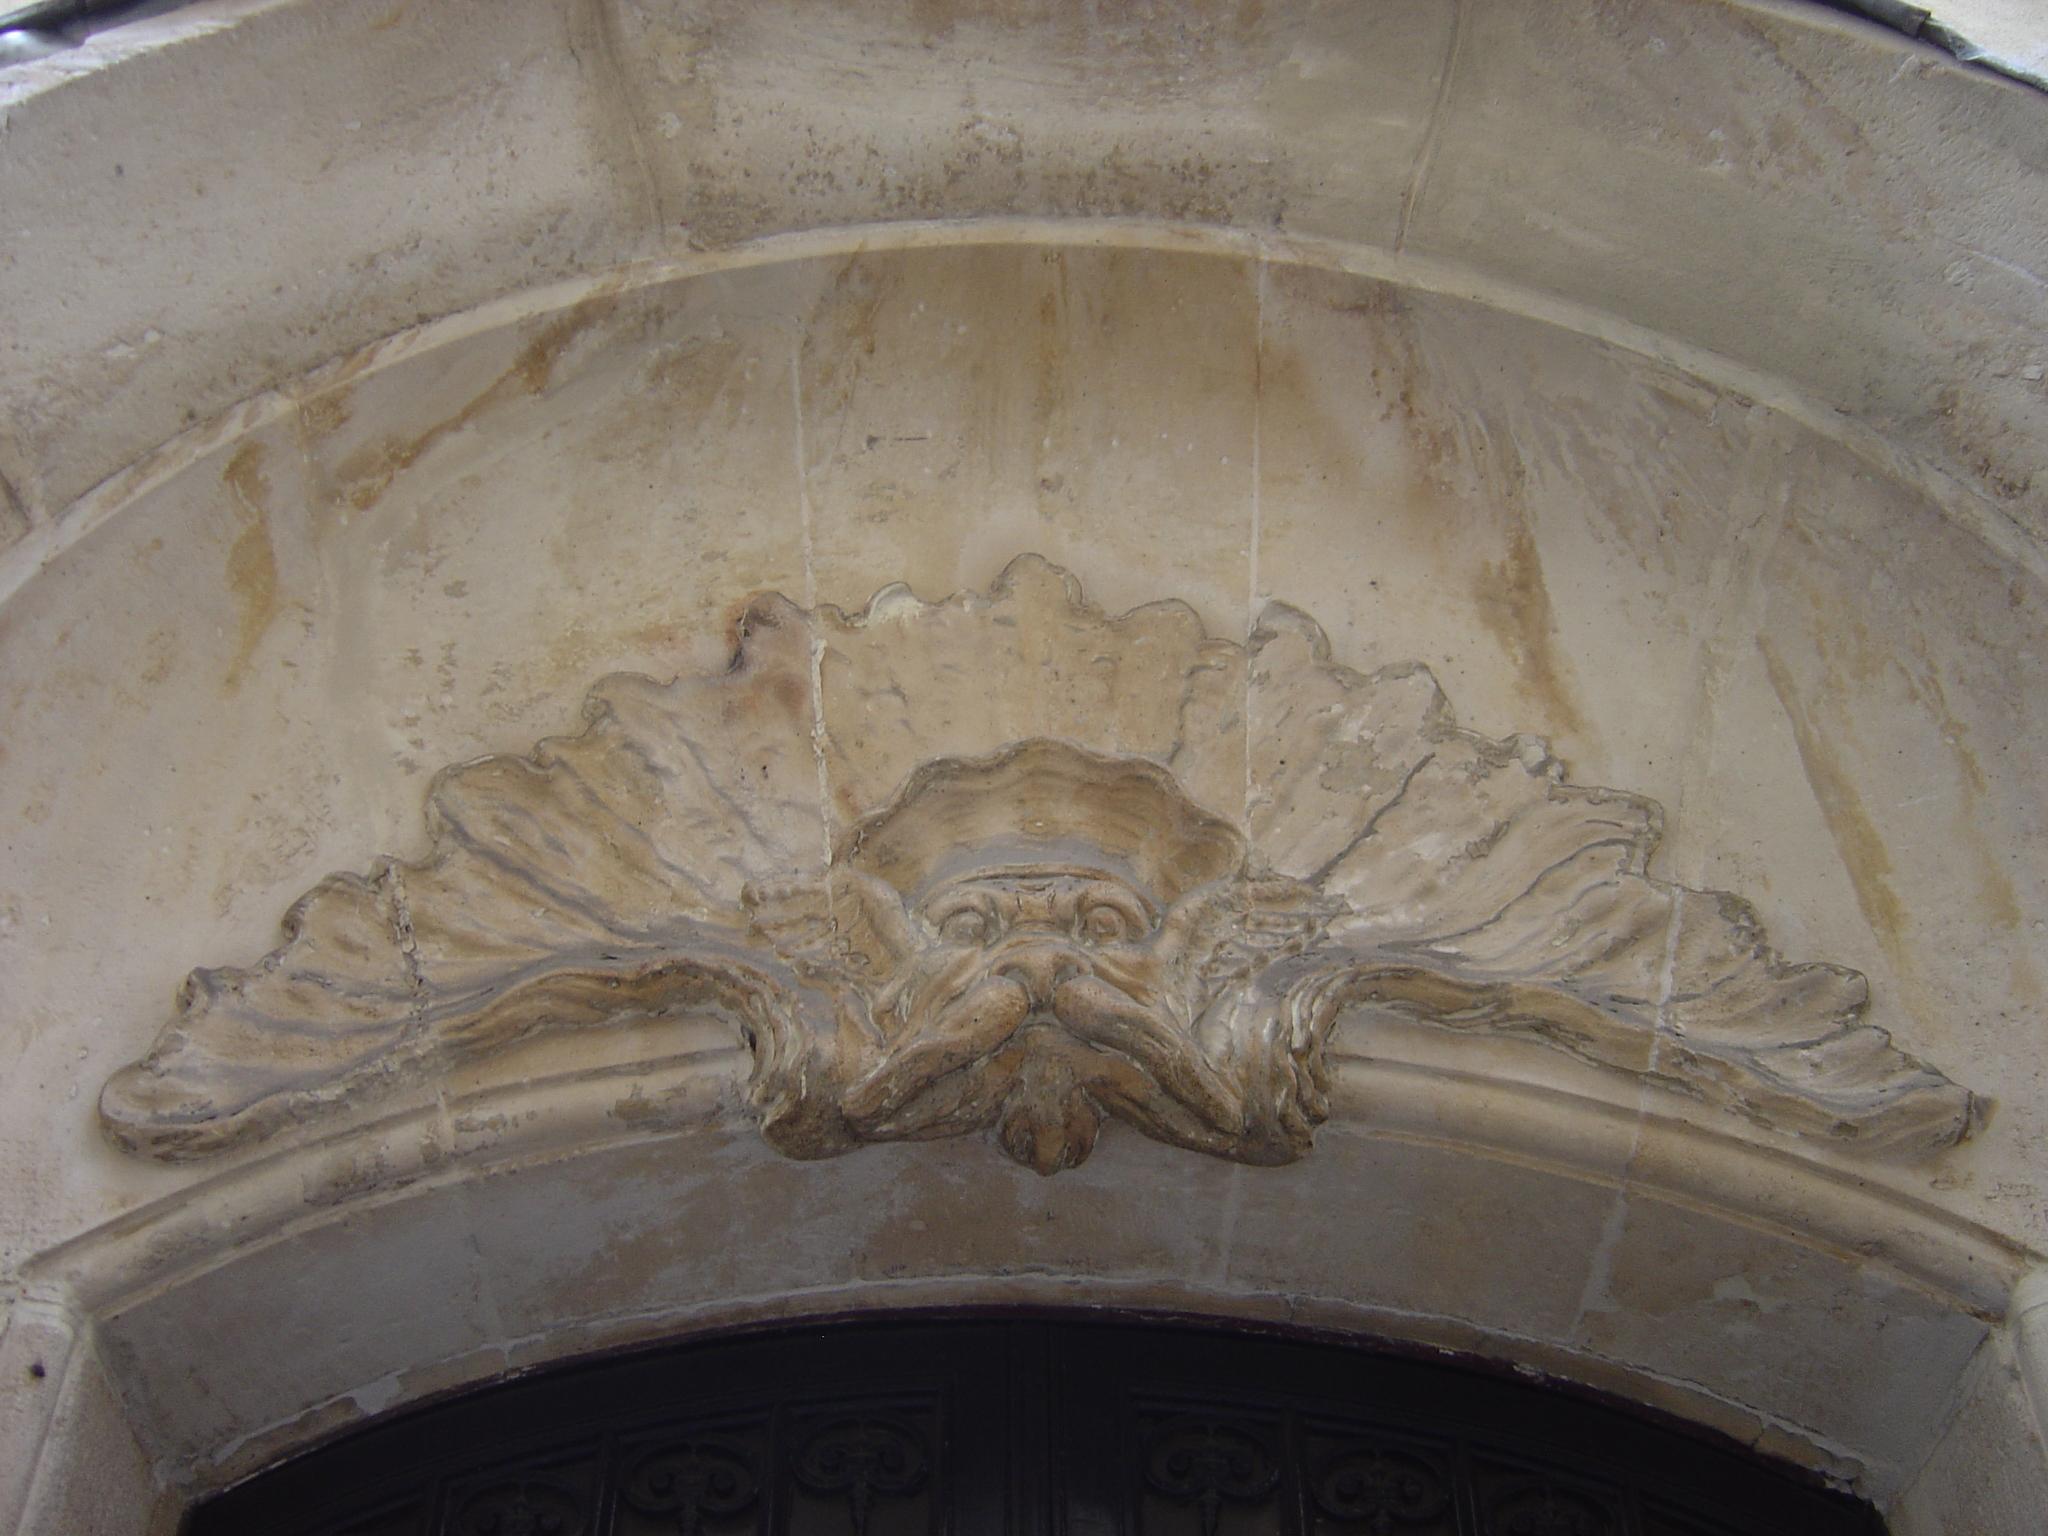 File:Mascaron rocaille au 5 rue du Croissant, Paris.JPG - Wikimedia ...